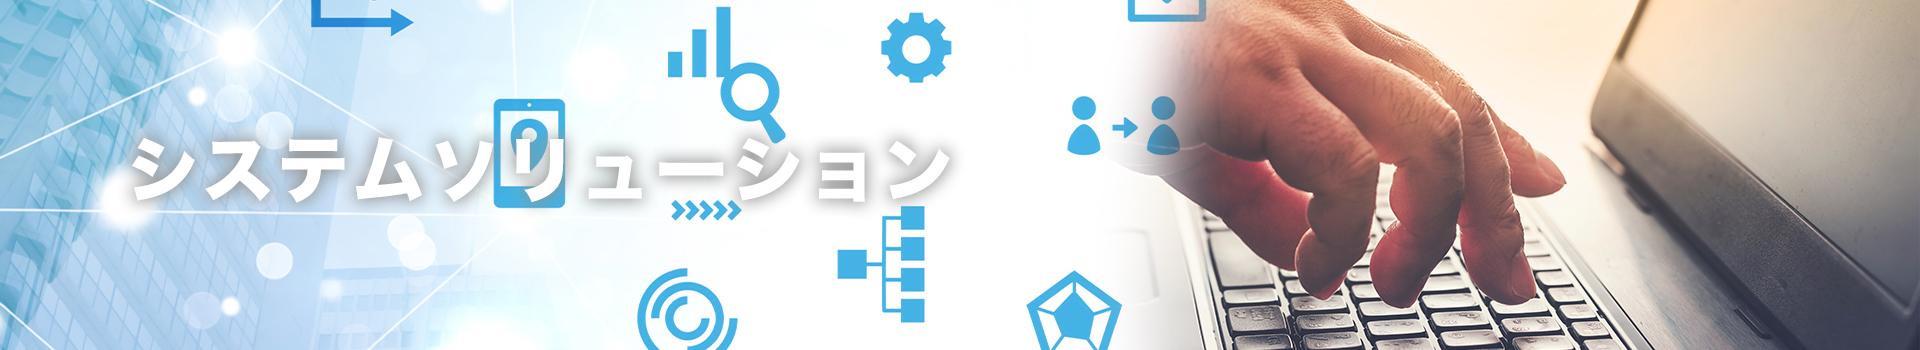 ロジ・コンビニエンス株式会社|システムソリューション